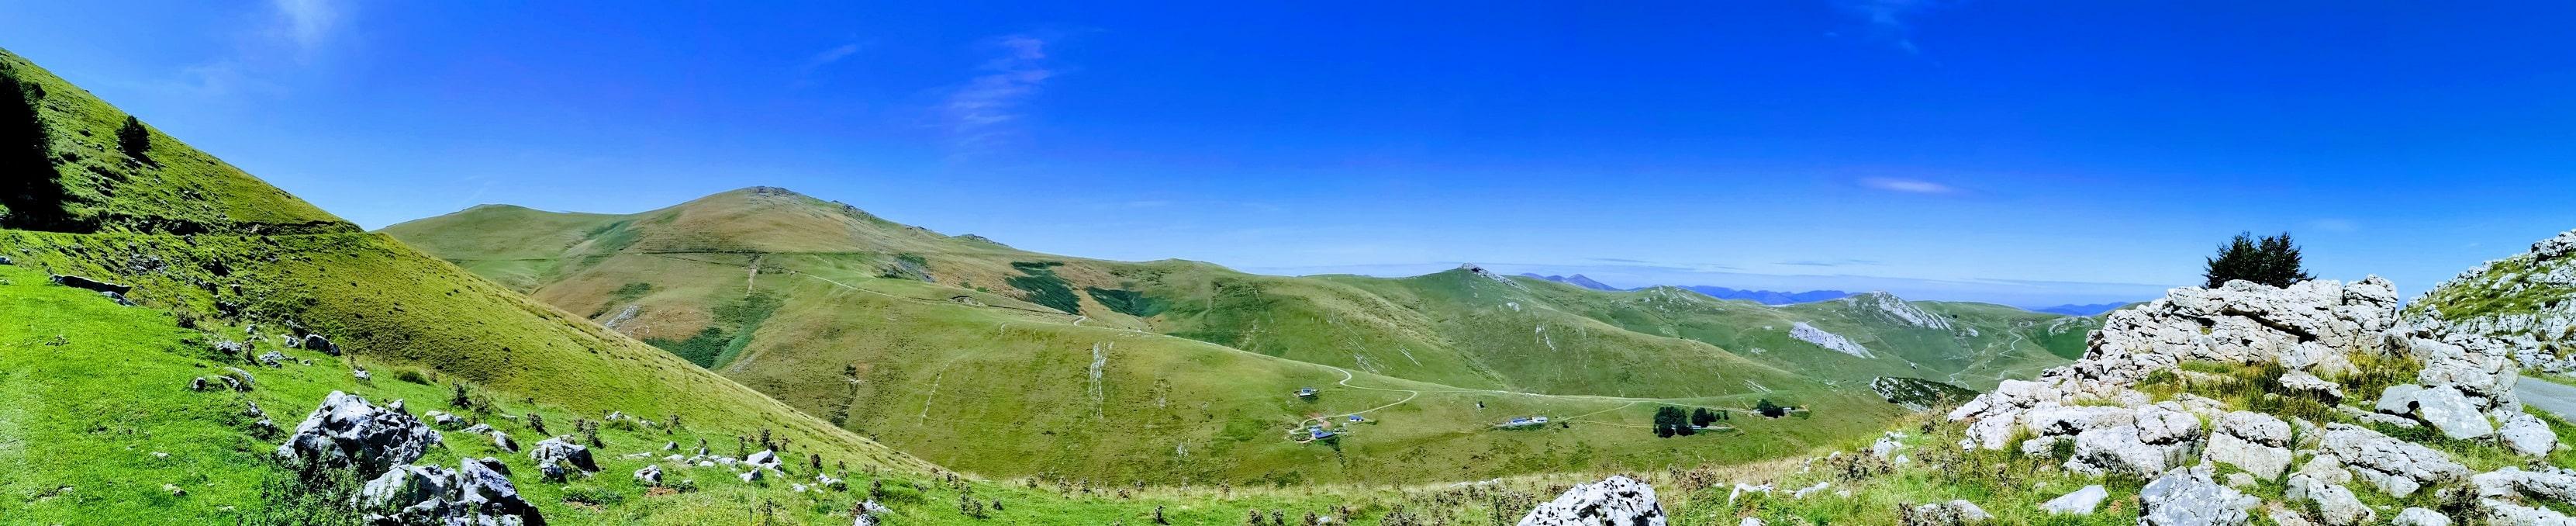 montagne pays basque paysagiste pays basque